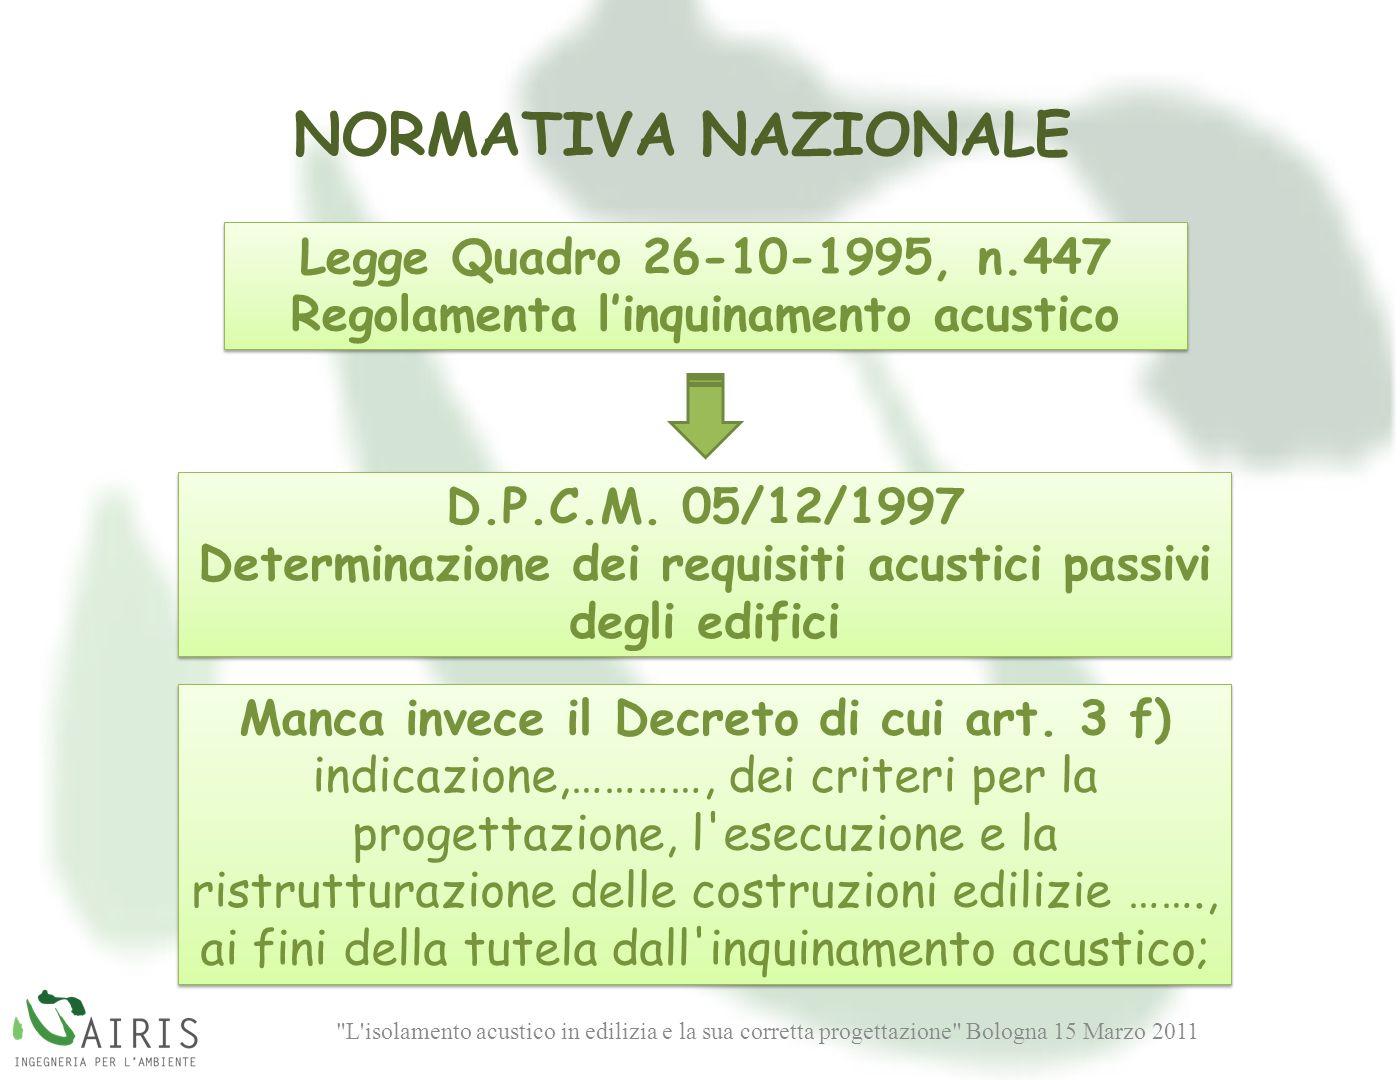 L isolamento acustico in edilizia e la sua corretta progettazione Bologna 15 Marzo 2011 Legge Quadro 26-10-1995, n.447 Regolamenta linquinamento acustico Legge Quadro 26-10-1995, n.447 Regolamenta linquinamento acustico D.P.C.M.